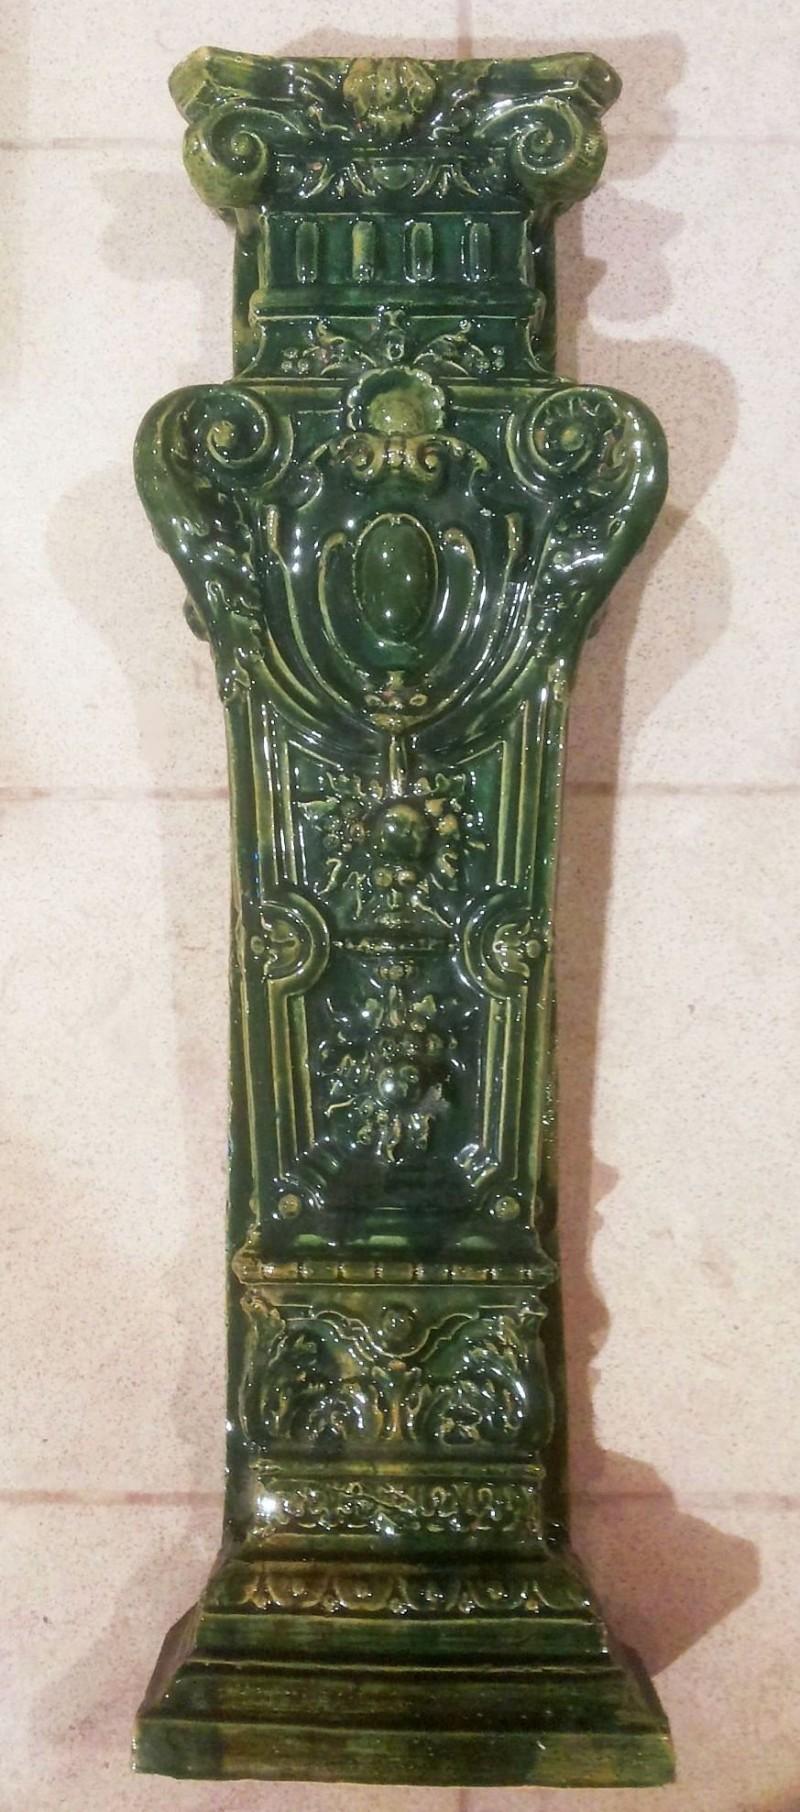 Барокальная колонна для камина или печи